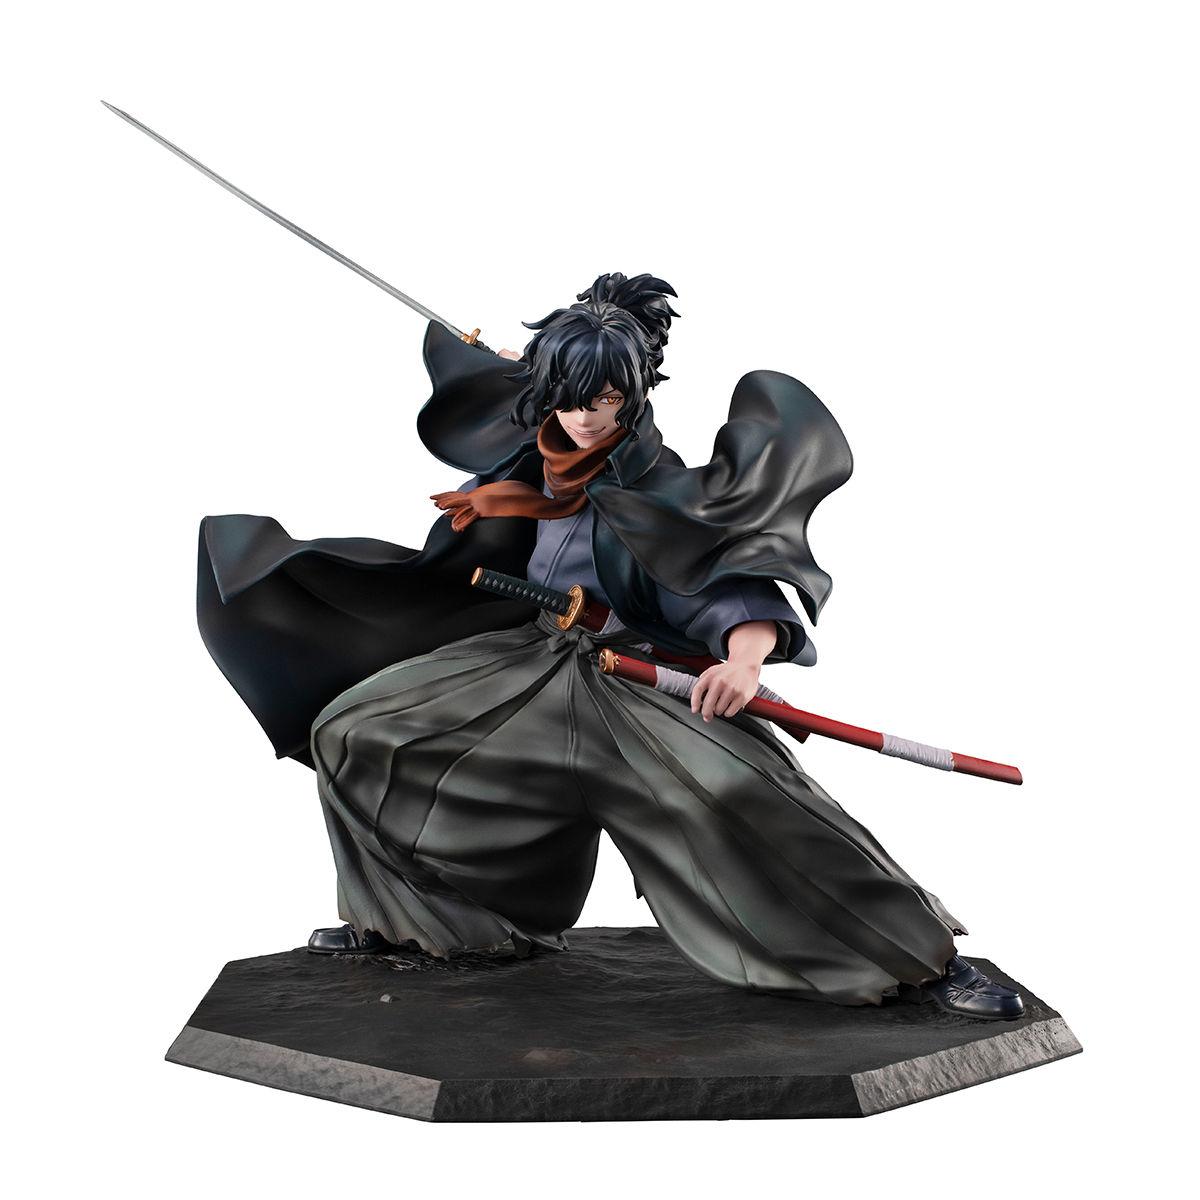 【限定販売】Fate/Grand Order『アサシン/岡田以蔵』1/8 完成品フィギュア-003